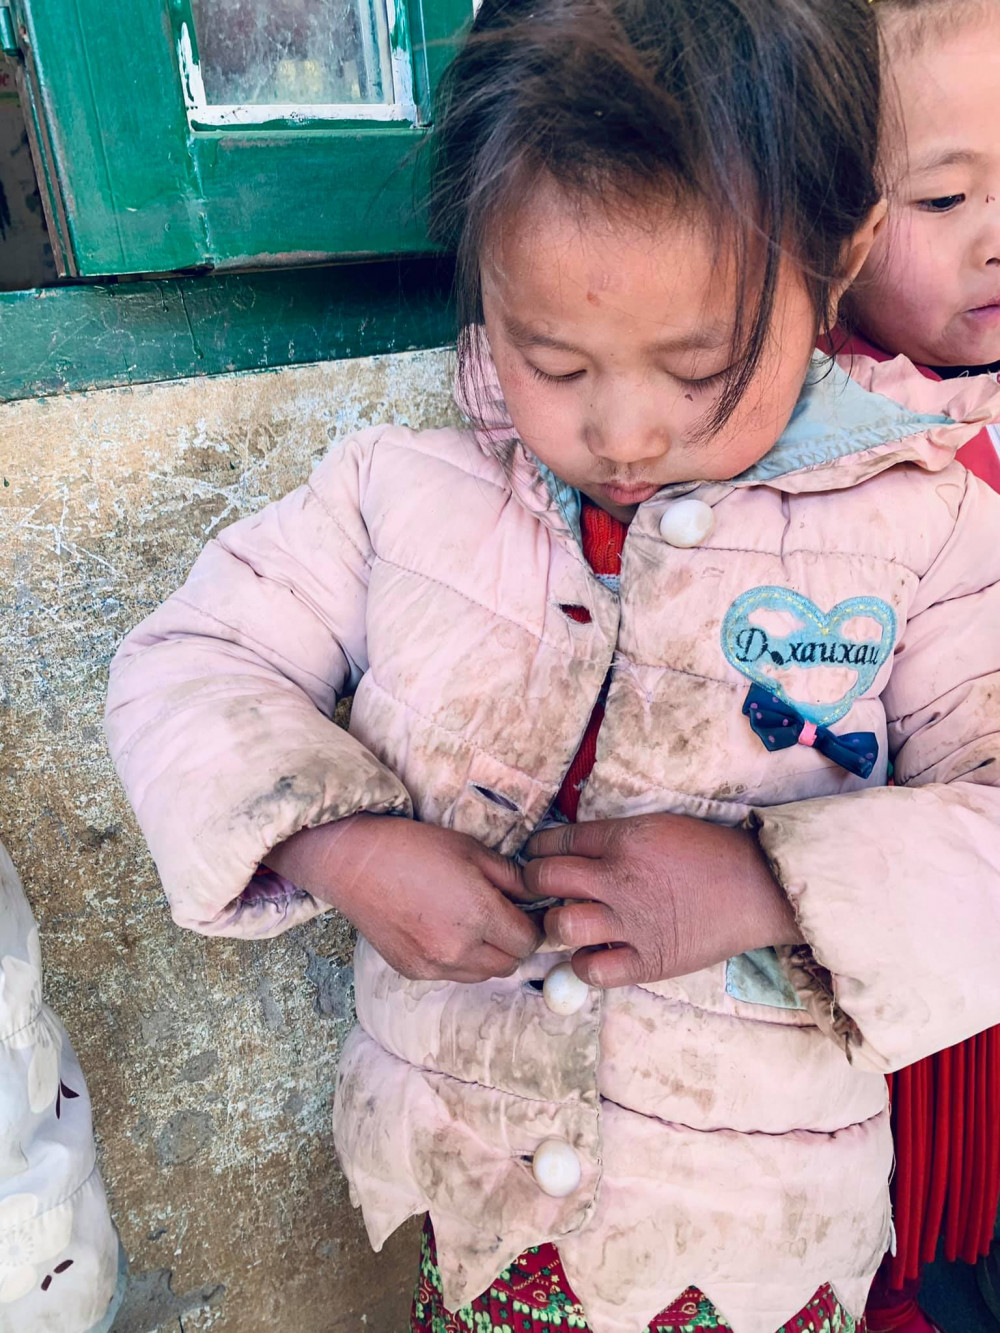 Nhiều em bé chỉ có một chiếc áo ấm mặc quanh năm, lem luốc, bẩn nhưng bố mẹ không thể mua cho em áo mới.